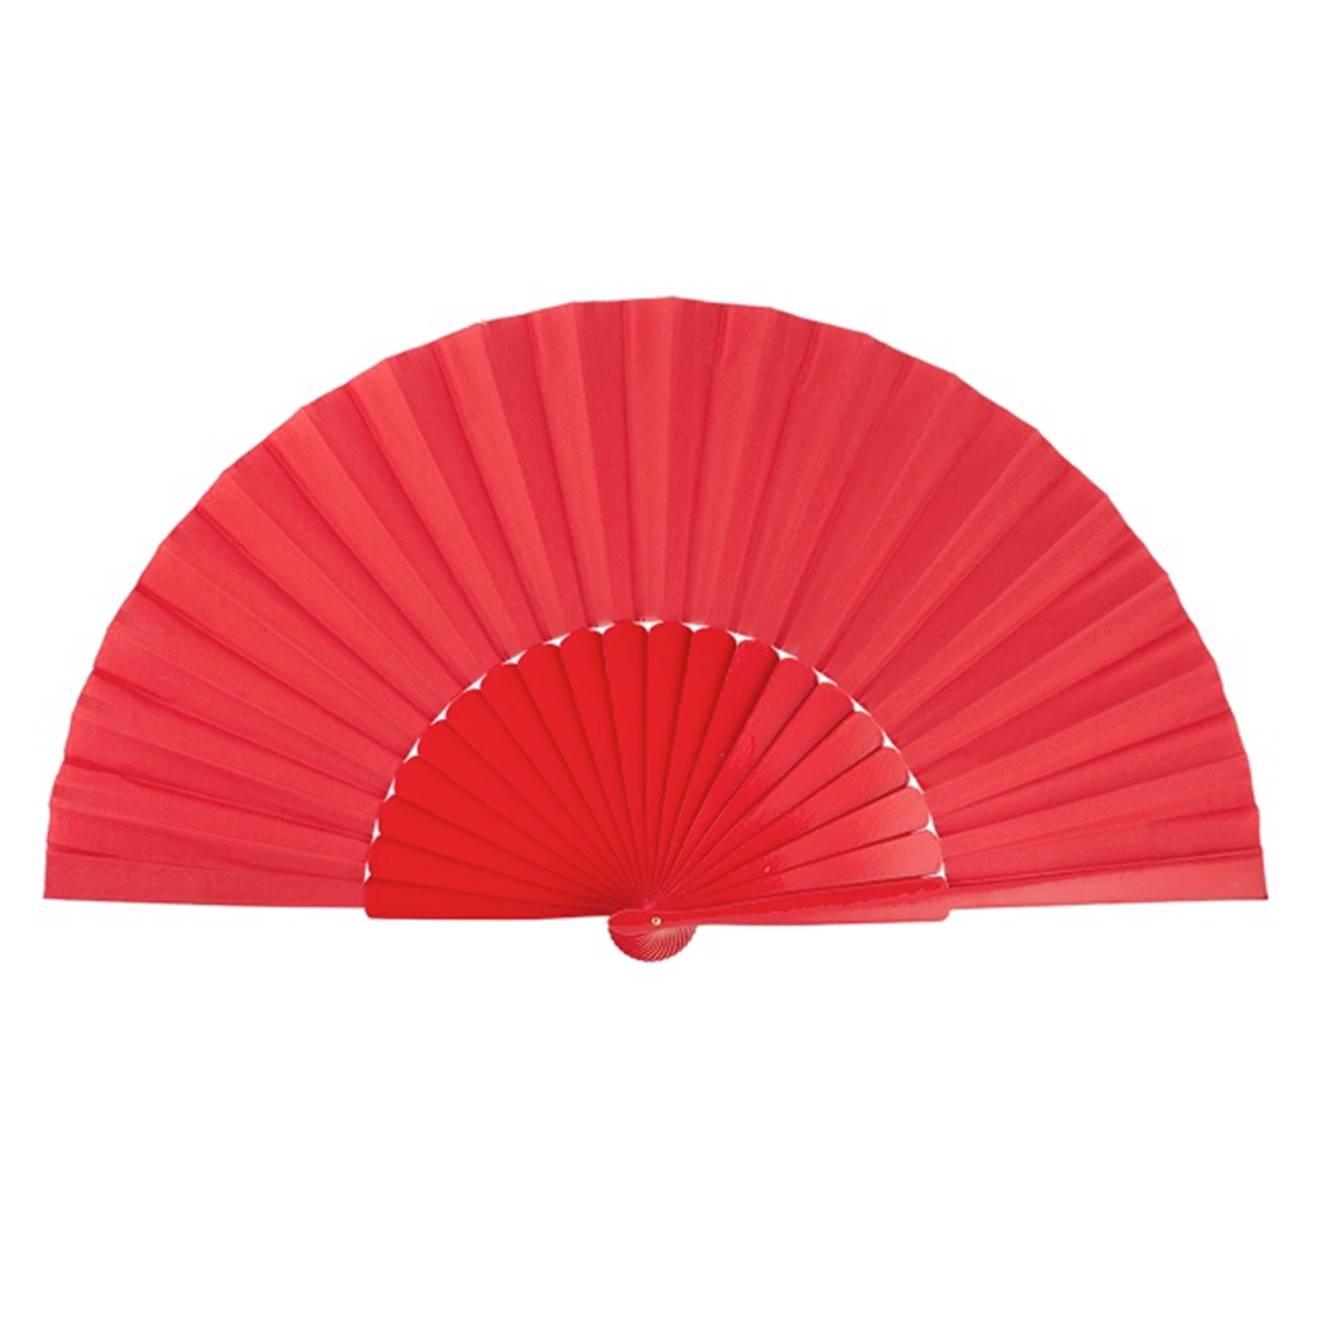 LEQUE grande 30cm pericón flamenco vermelho